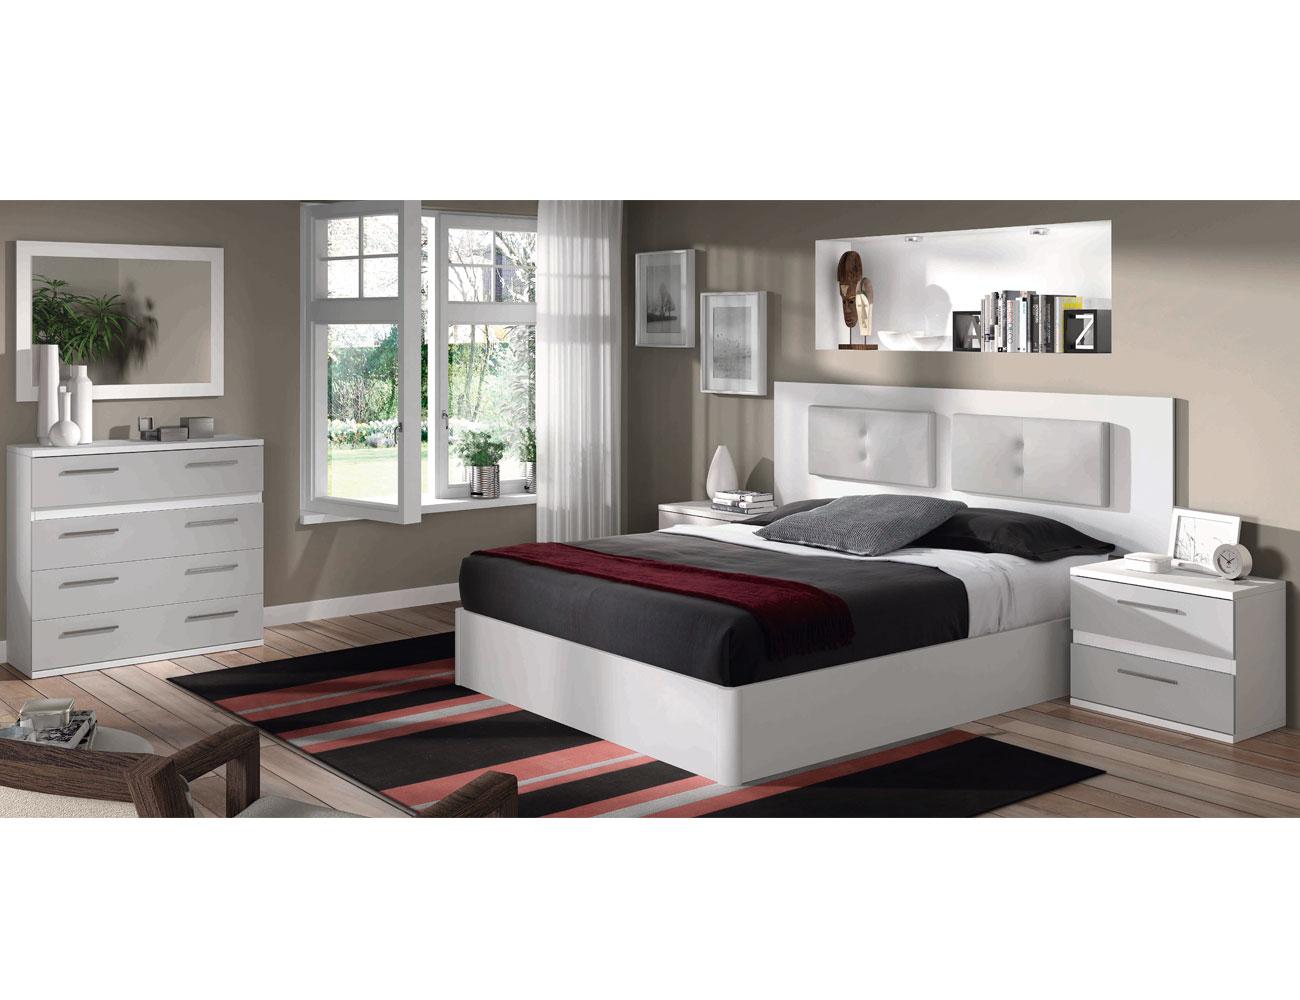 06 dormitorio matrimonio comoda blanco plata